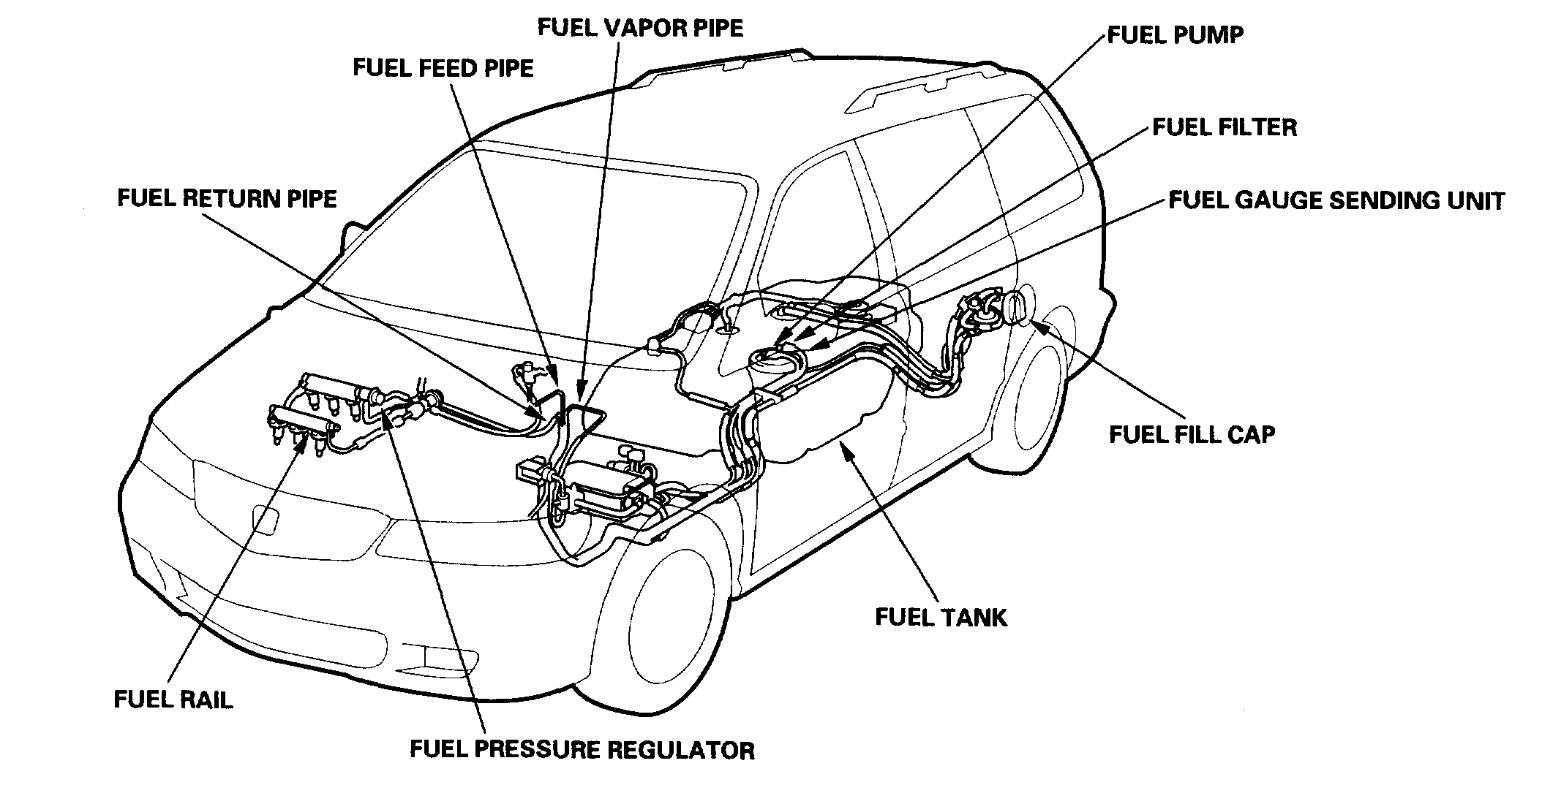 honda accord fuel filter location ze 9849  fuel pump wiring diagram including honda accord fuel honda accord fuel filter replacement ze 9849  fuel pump wiring diagram